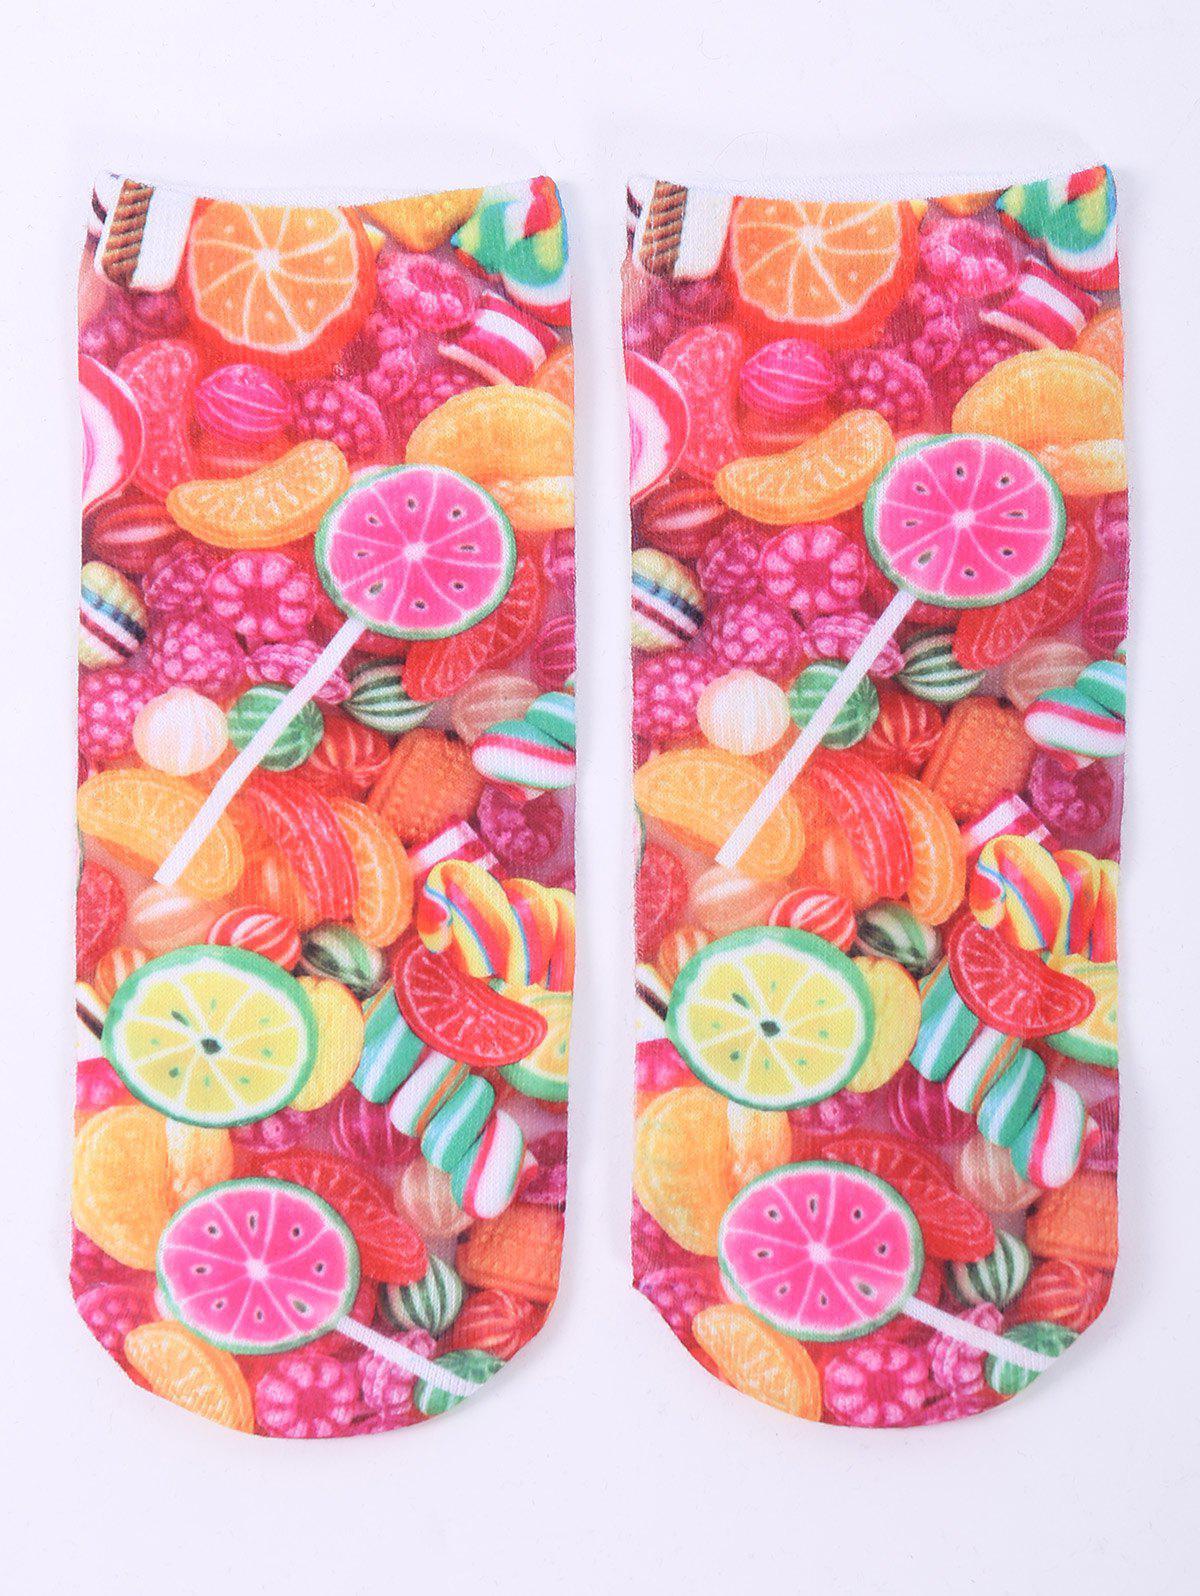 socquettes a motif one side bombons et fruits en 3D